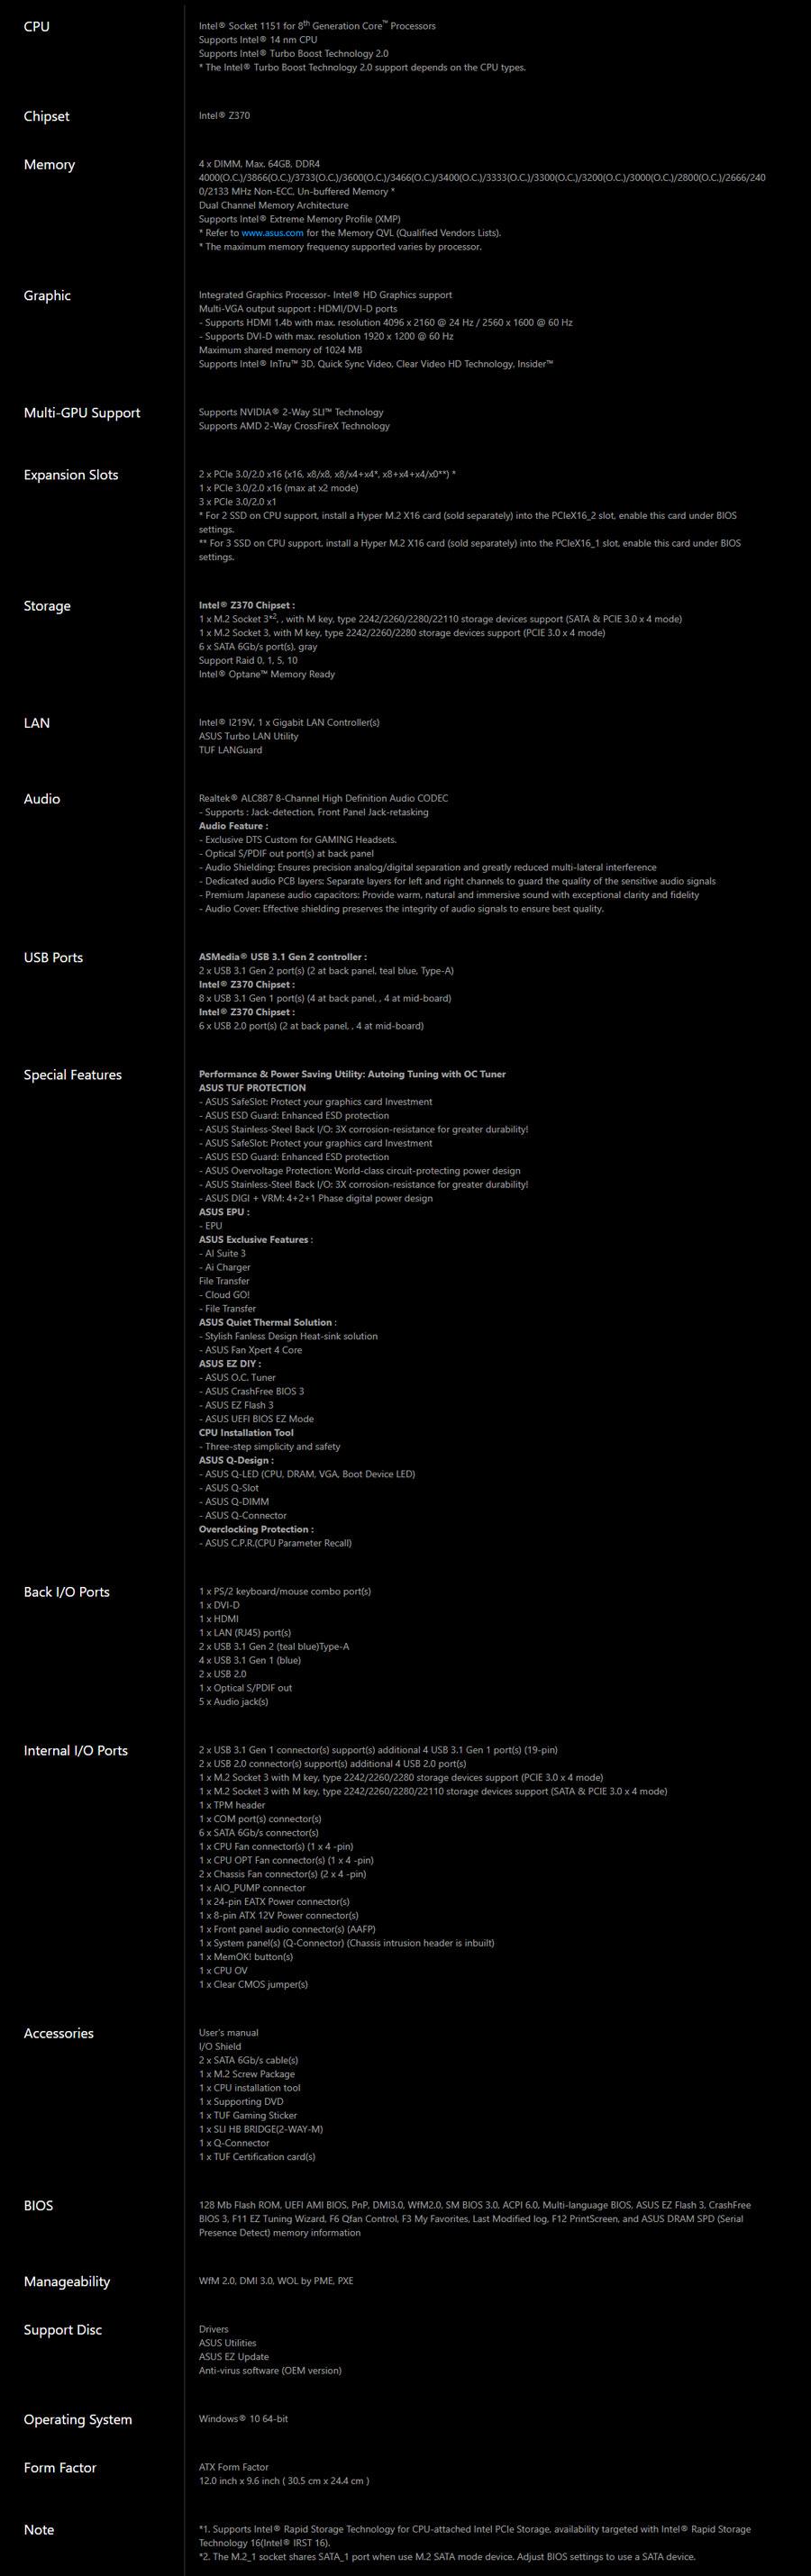 Asus Z370 TUF Gaming Pro Spec